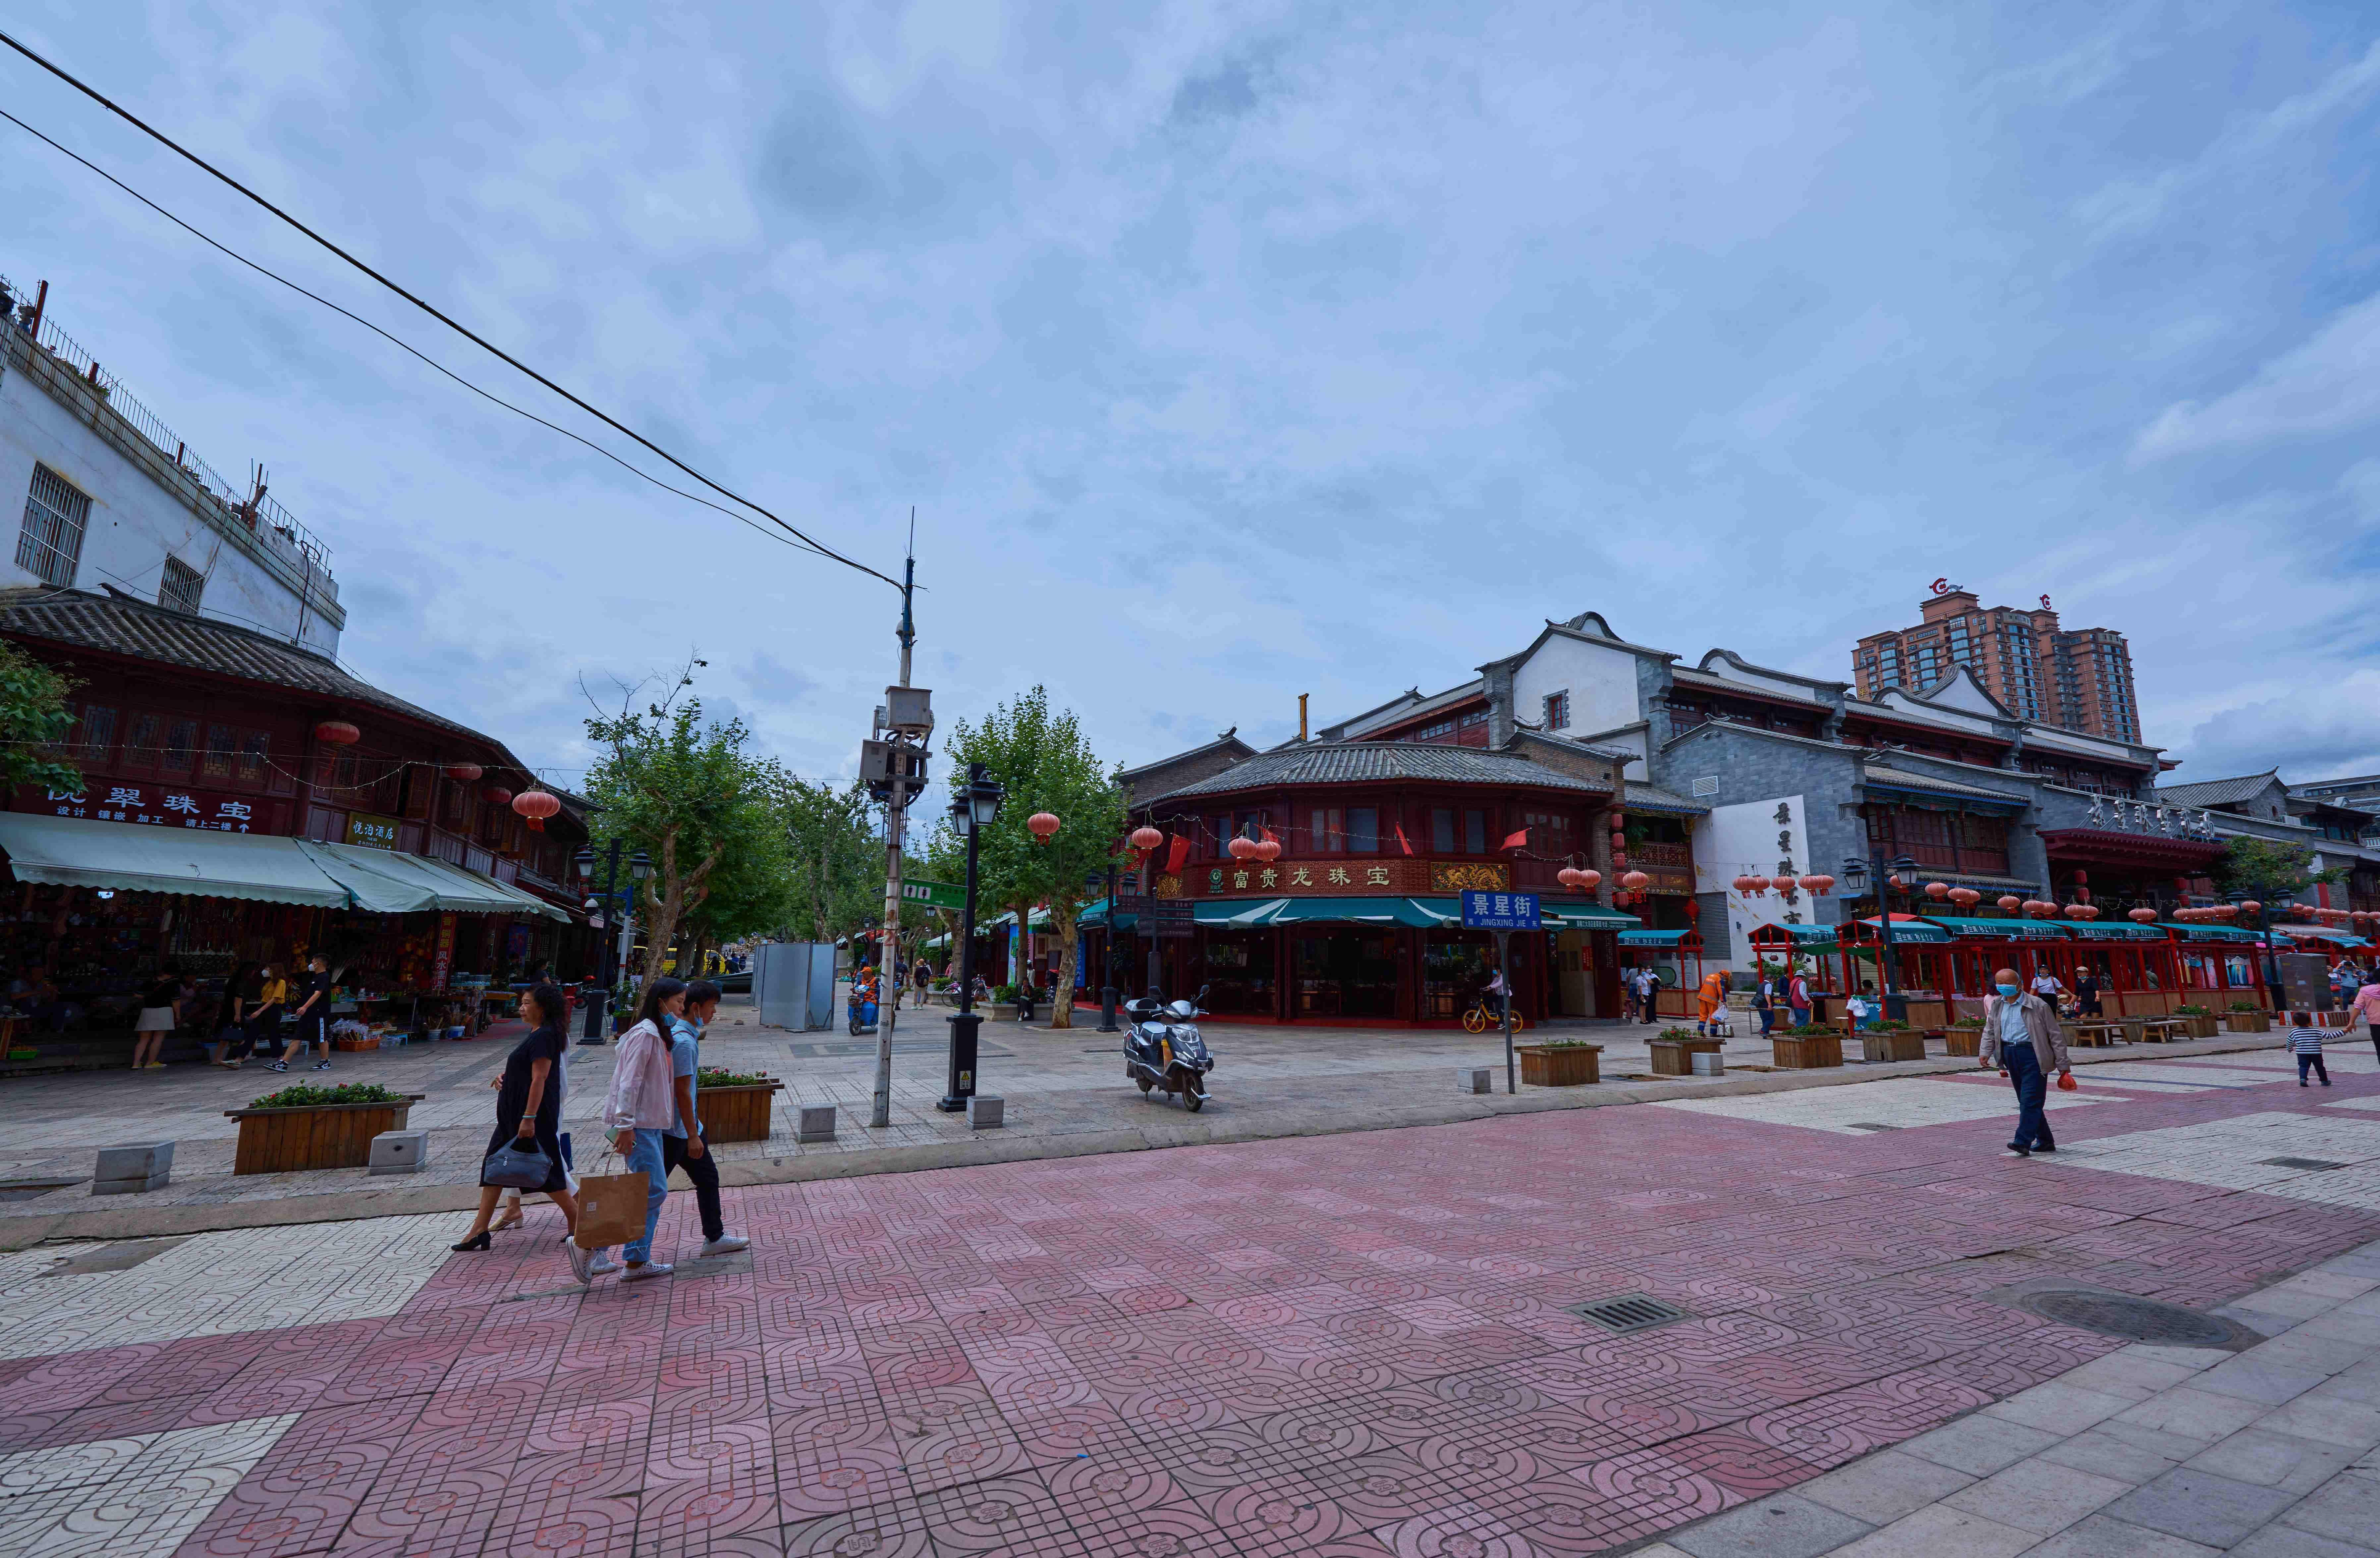 昆明汇聚中国传统珠宝的古老街道,因受两位女性追捧,成云南宝石